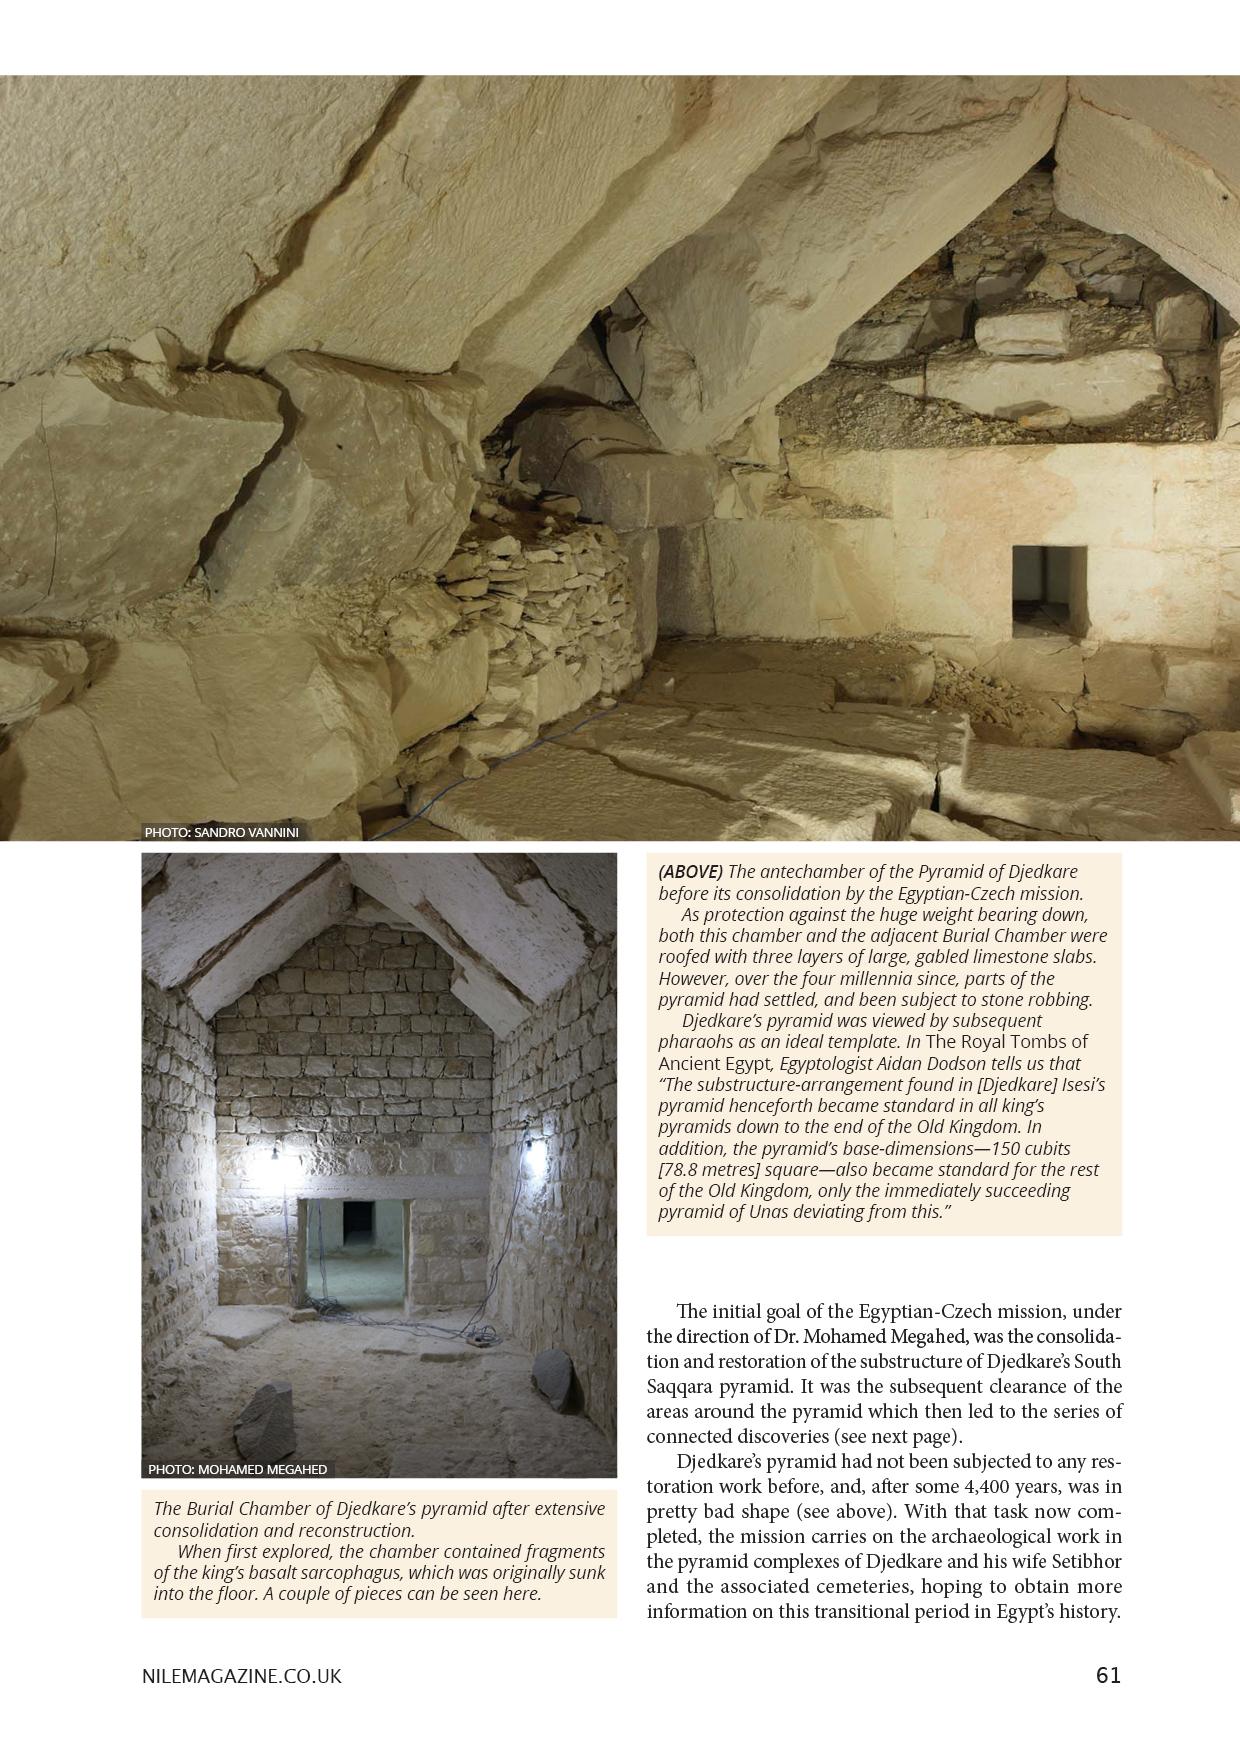 Nile 19, South Saqqara discoveries 2 1A.jpg